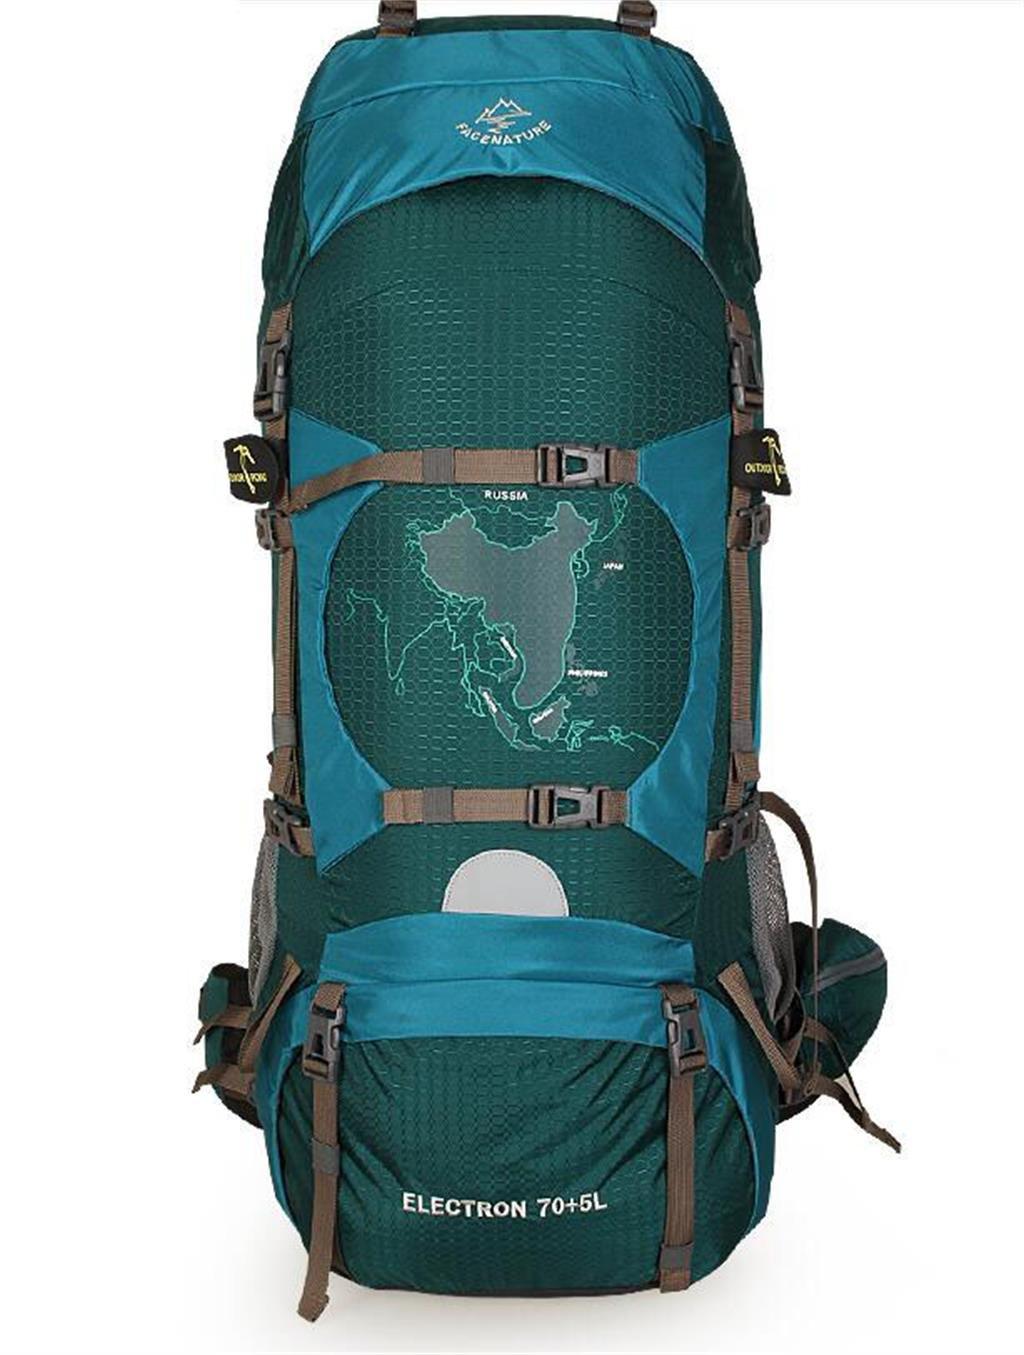 ハイキングバッグ プロフェッショナルキャンプ屋外のバックパックの男性と女性が登山防水ショルダーバッグ70L旅行ハイキング ハイキングバックパック (色 : The Dark Green, サイズ さいず : 75L) 75L The Dark Green B07NKGB2BK